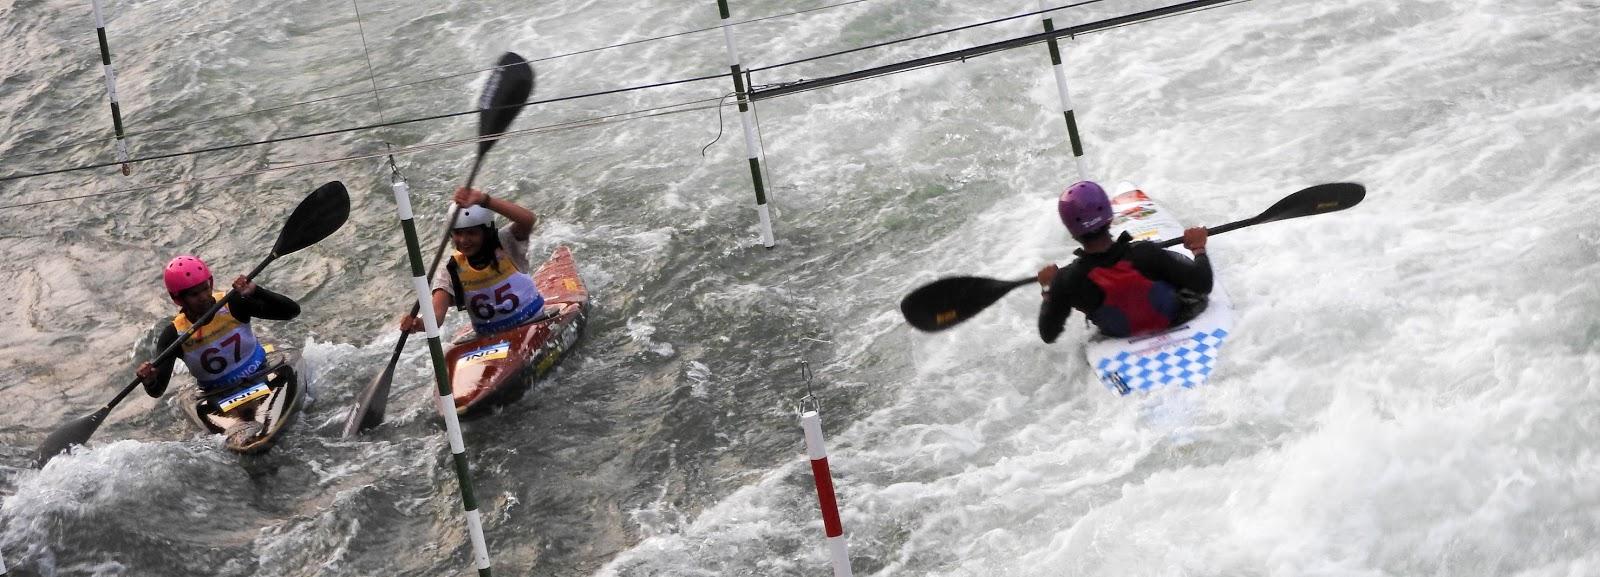 Mit viel Mut - Erstmals Inder bei Kanu-Slalom-Welt-Cup am Eiskanal